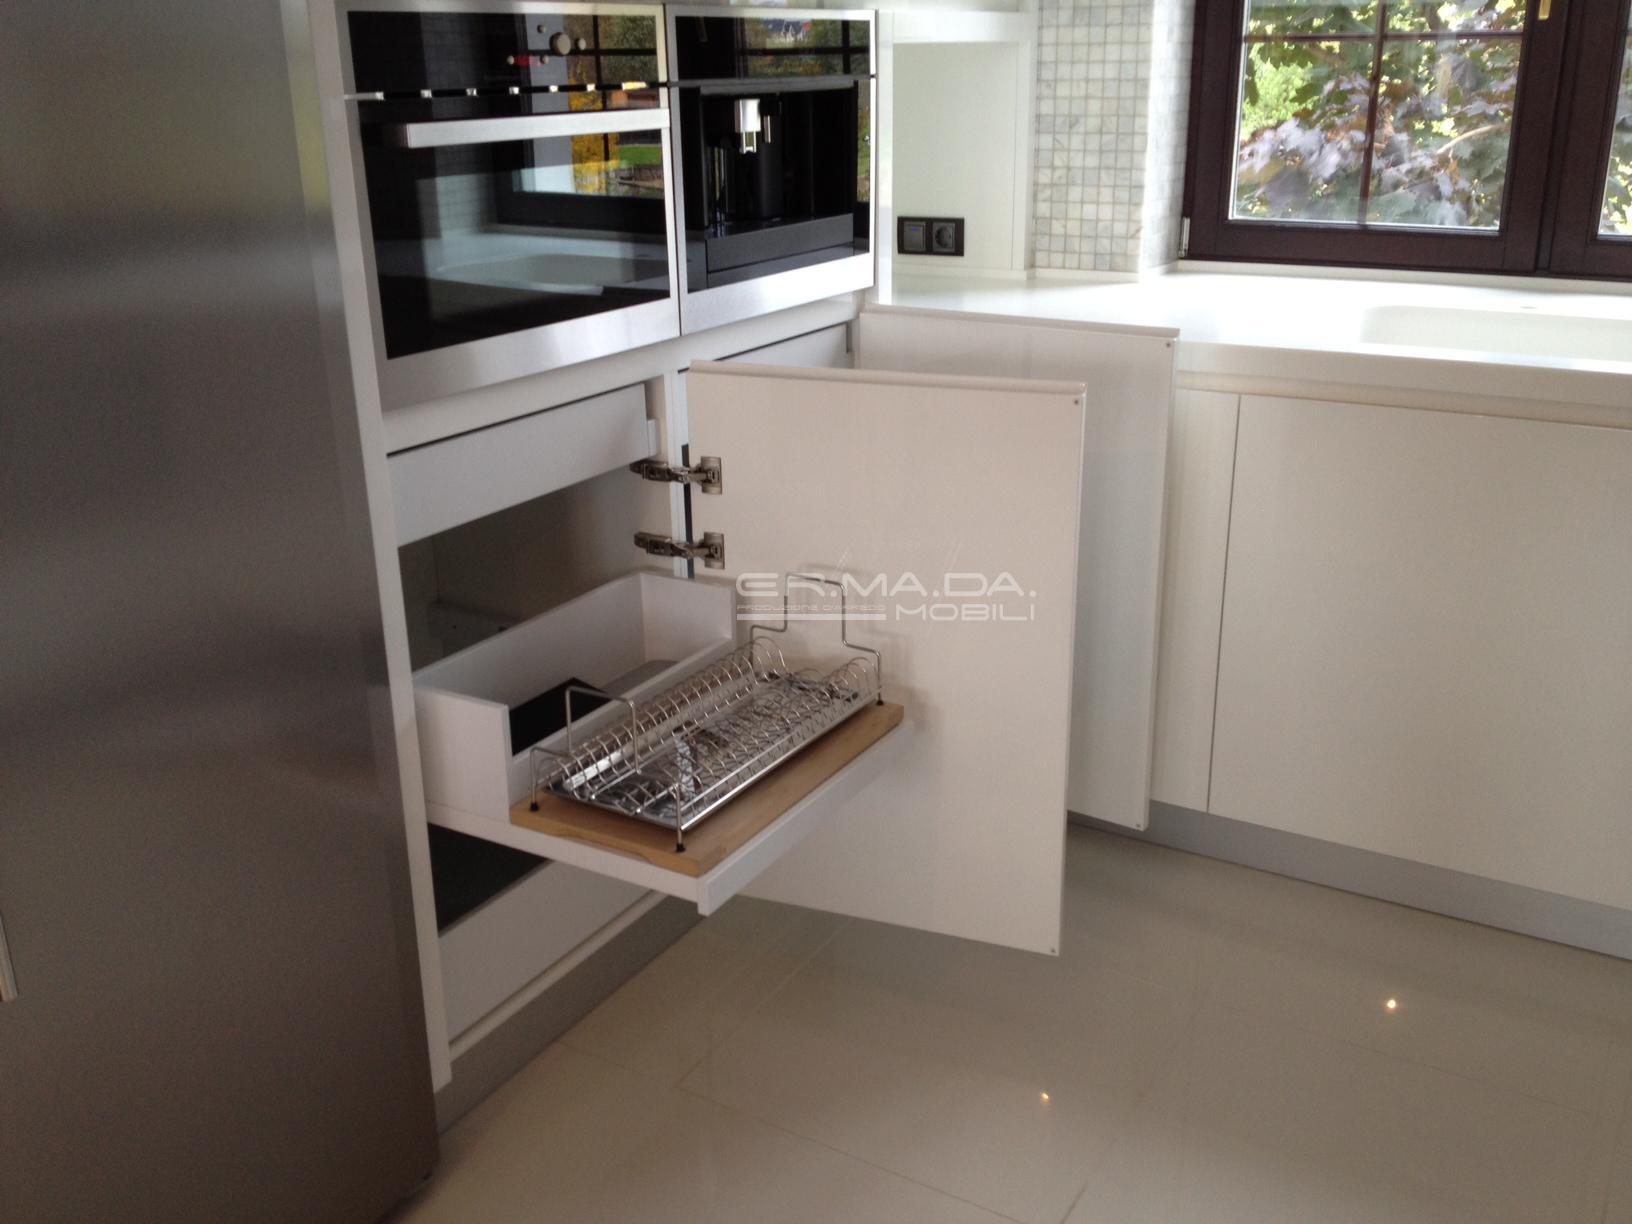 13 cucina laccata bianco lucido er ma da mobilificio for Progetta i tuoi mobili online